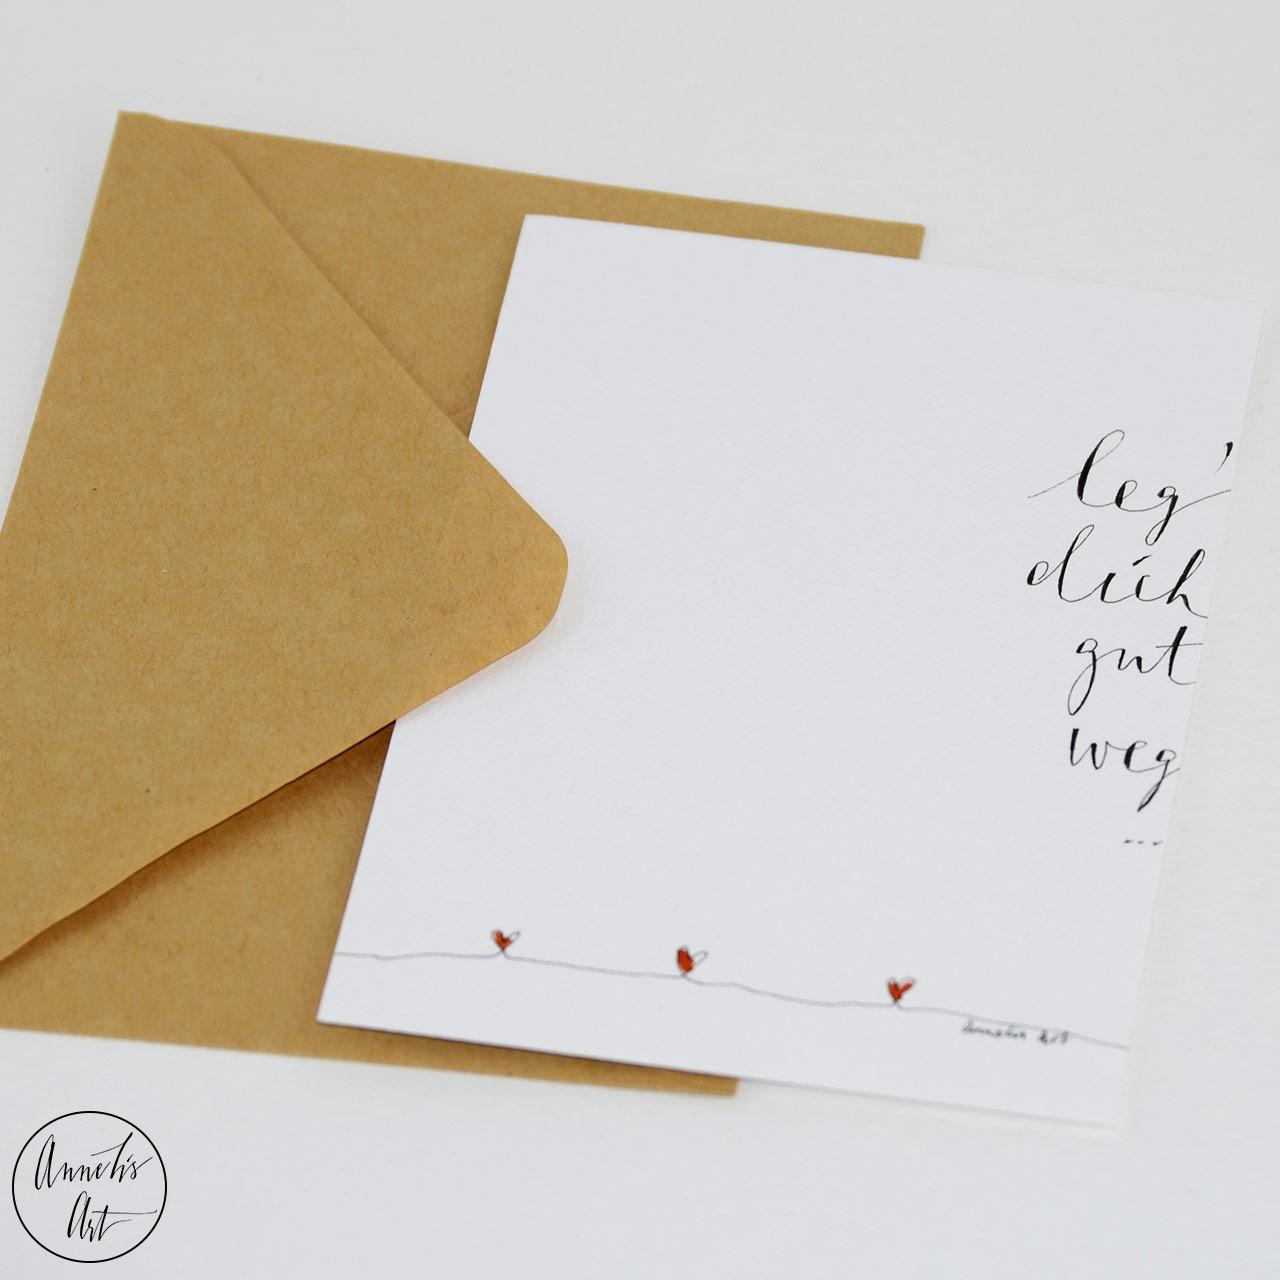 Grußkarte | Klappkarte mit Umschlag - Gute Besserung, Leg dich gut weg